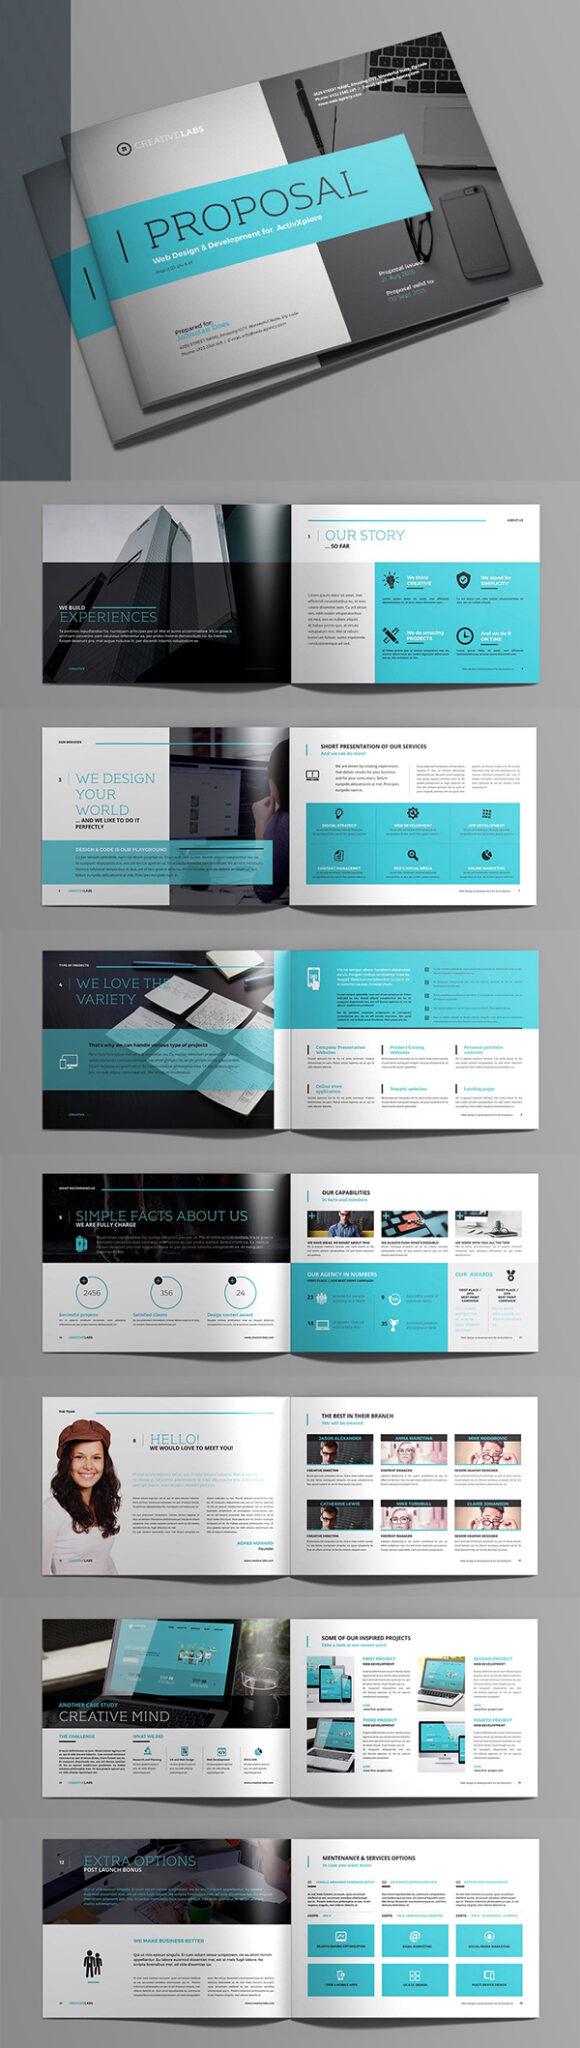 Diseño de mockups de propuesta de negocio profesional - 11